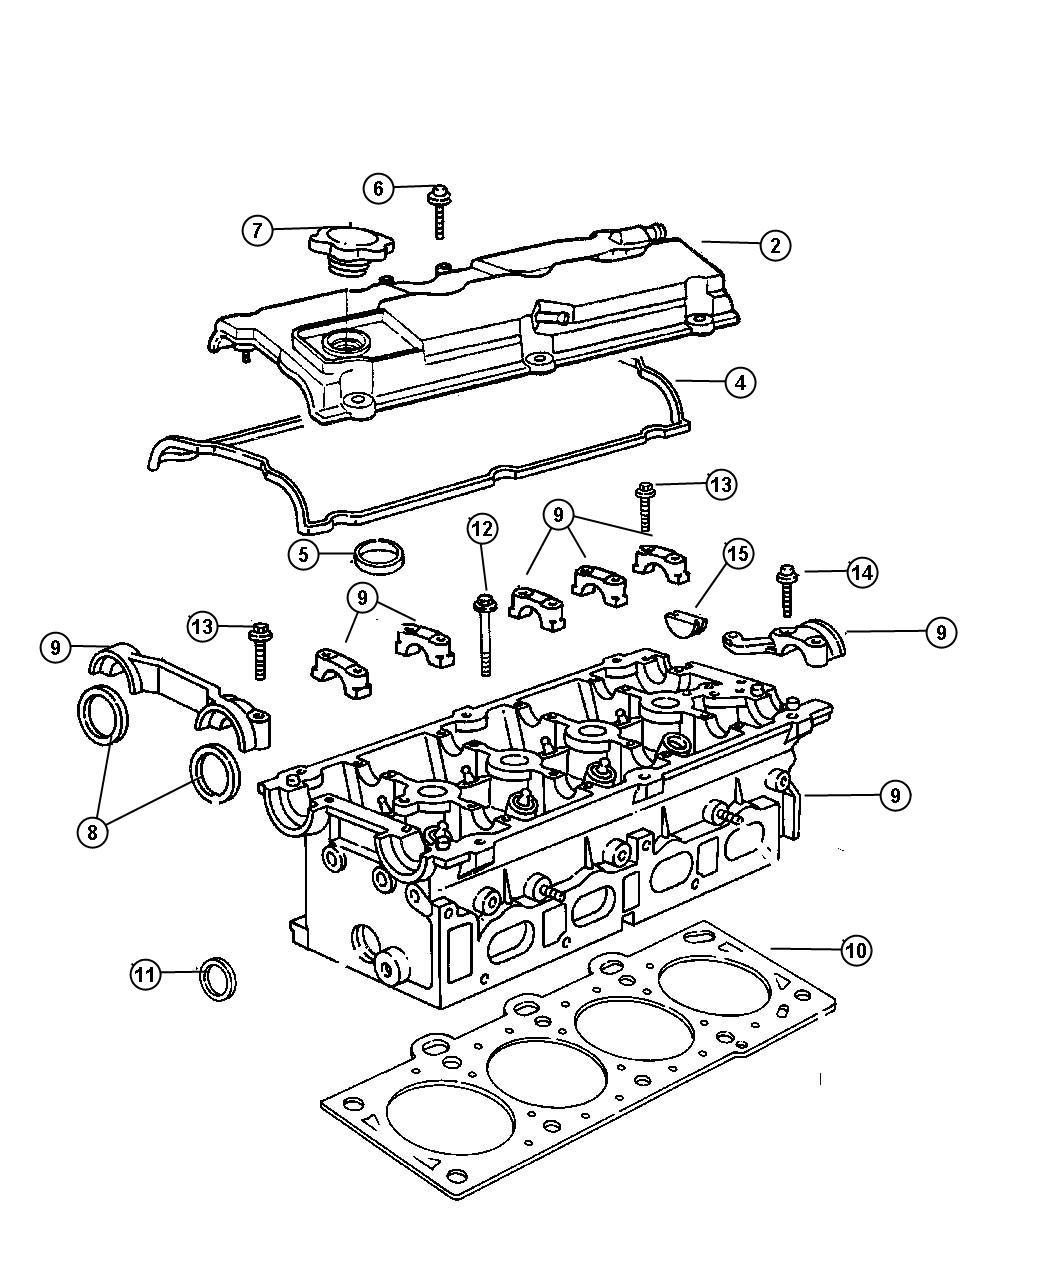 2001 Chrysler Voyager Gasket. Cylinder head cover, valve